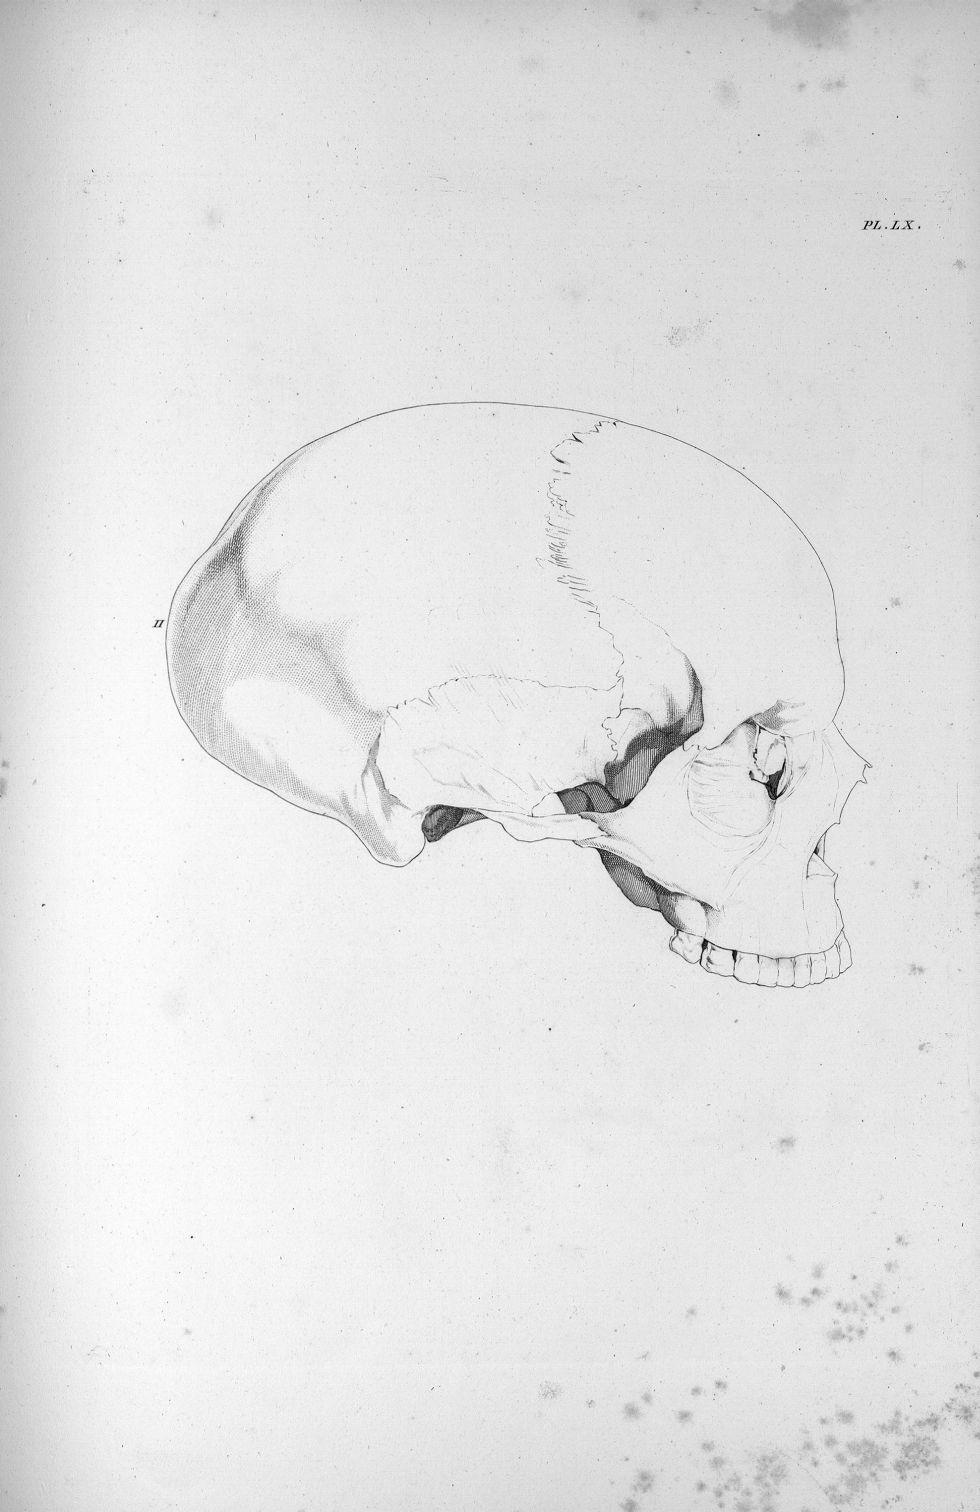 Pl. LX. Crâne d'une femme aliénée par amour de la progéniture - Anatomie et physiologie du système n [...] - Anatomie. Neurologie. Crânes. Phrénologie. 19e siècle (France) - med00575x03x0311